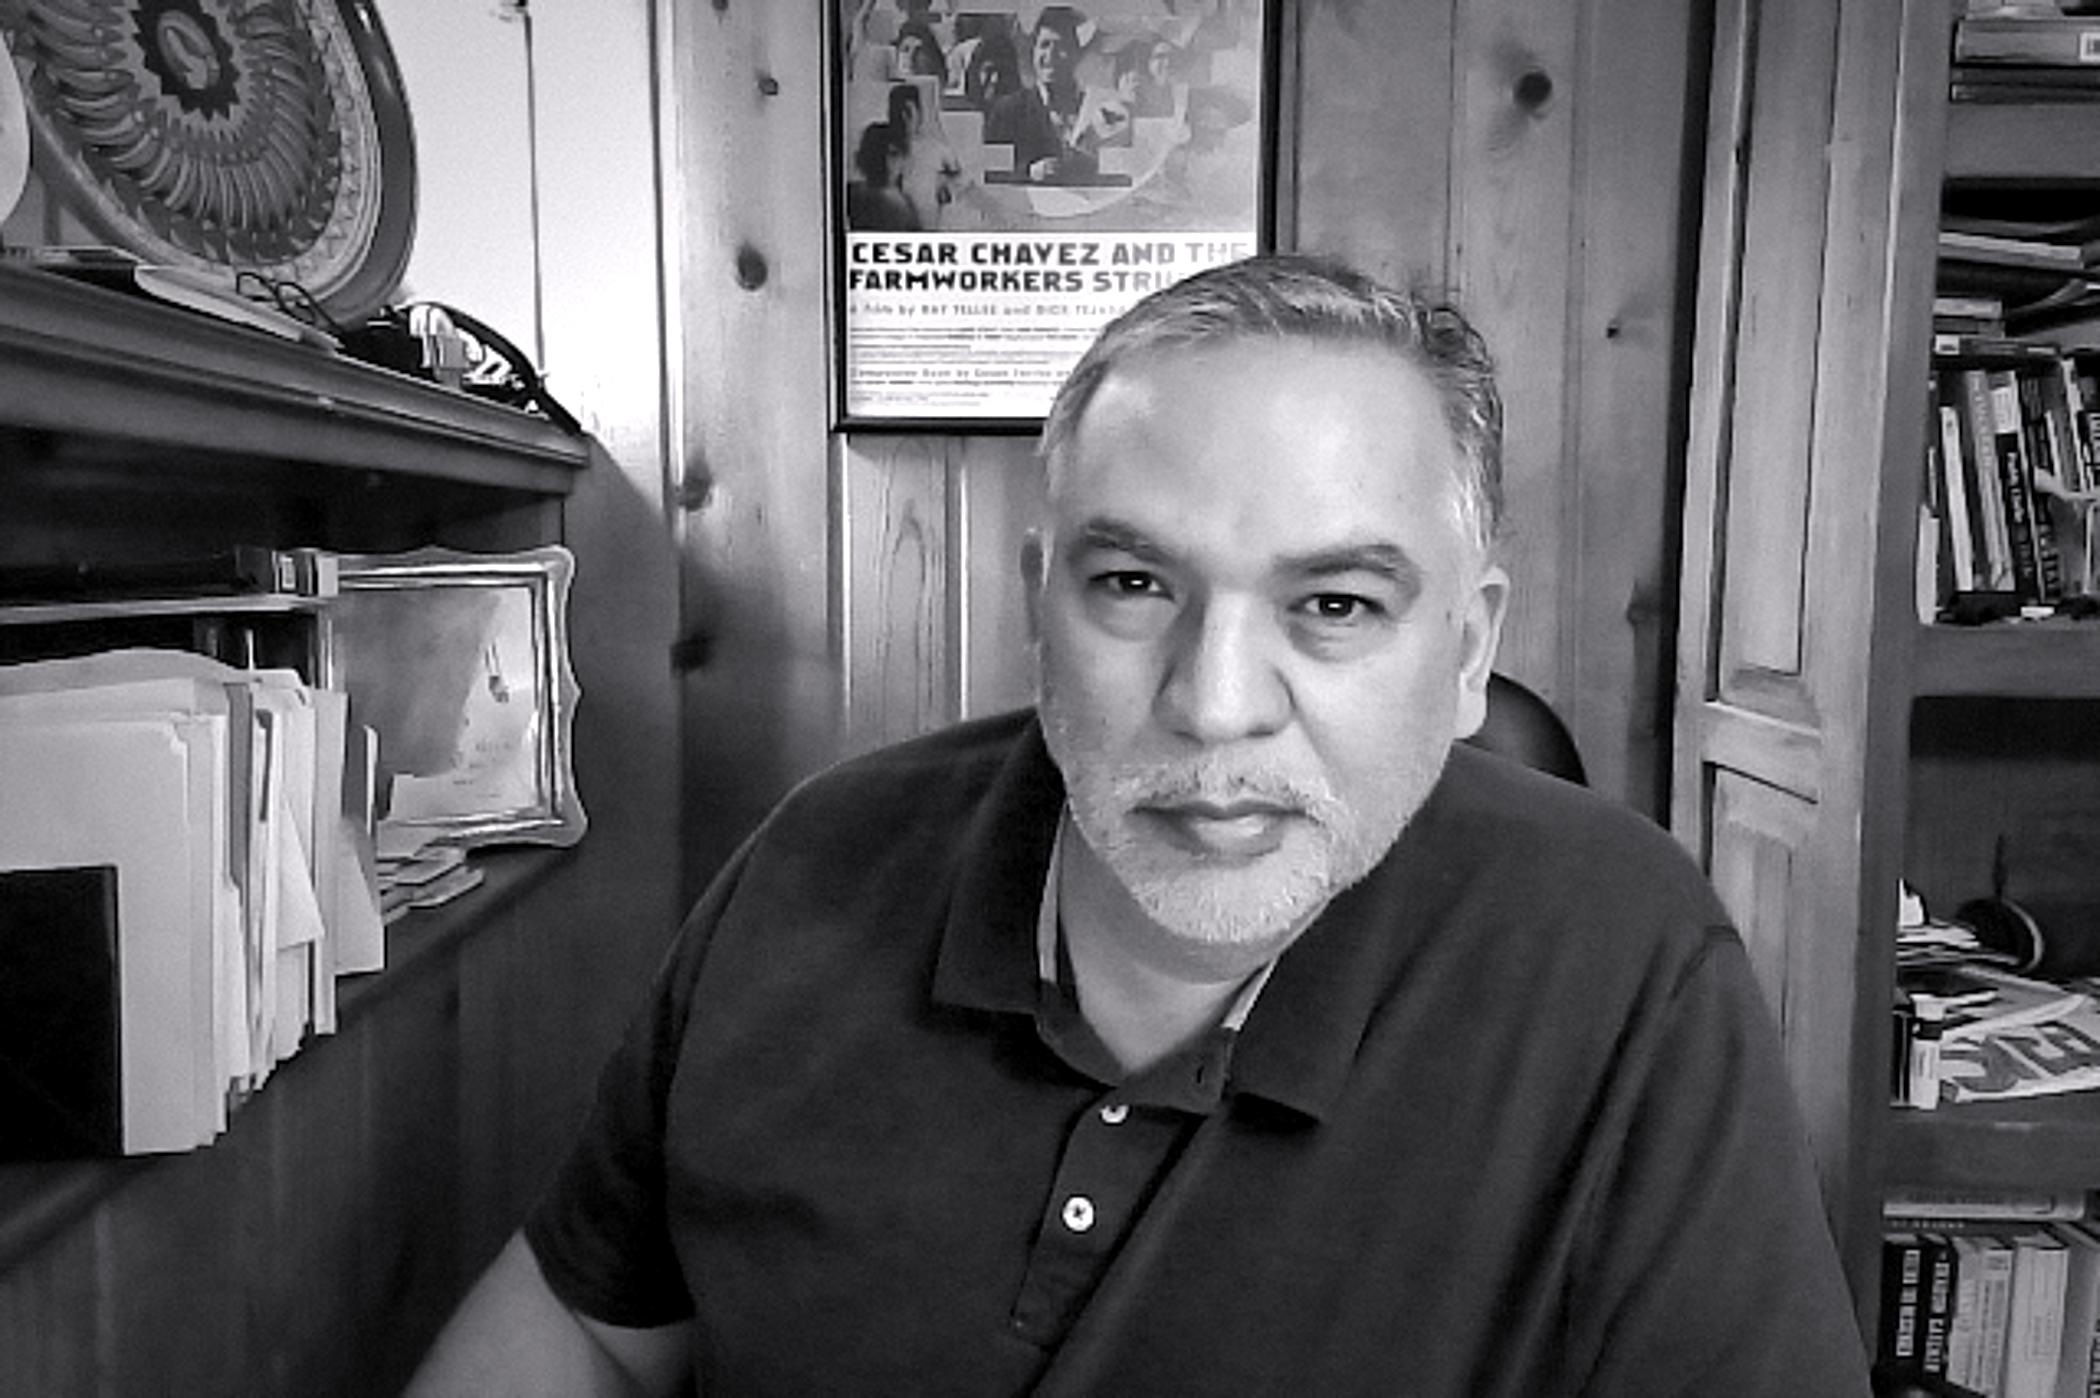 Ricardo Sandoval-Palos